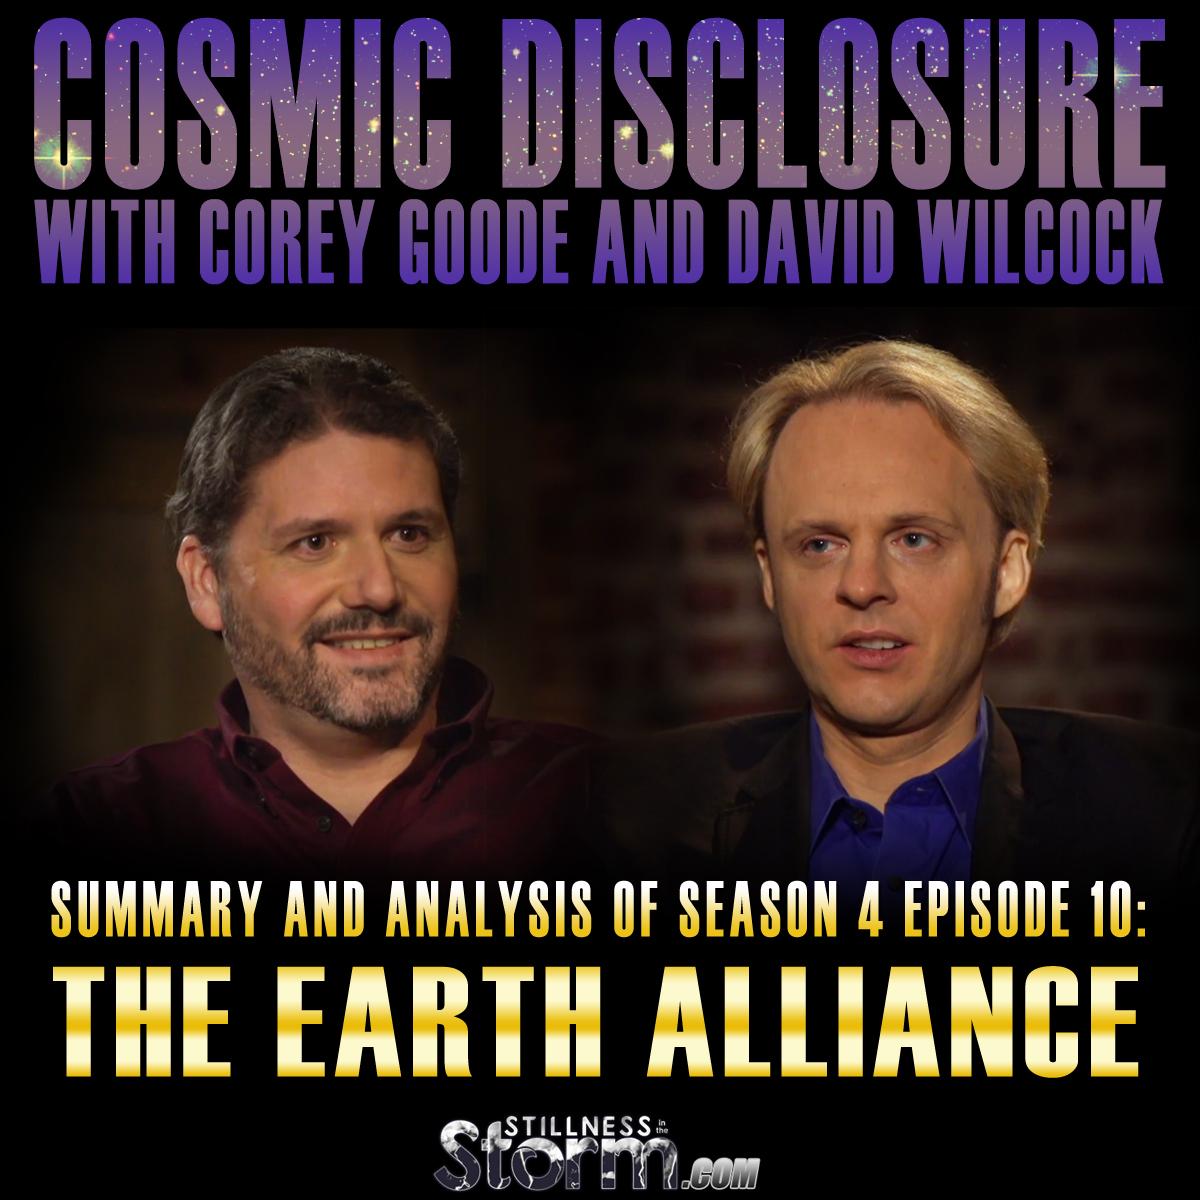 the awakening summary and analysis